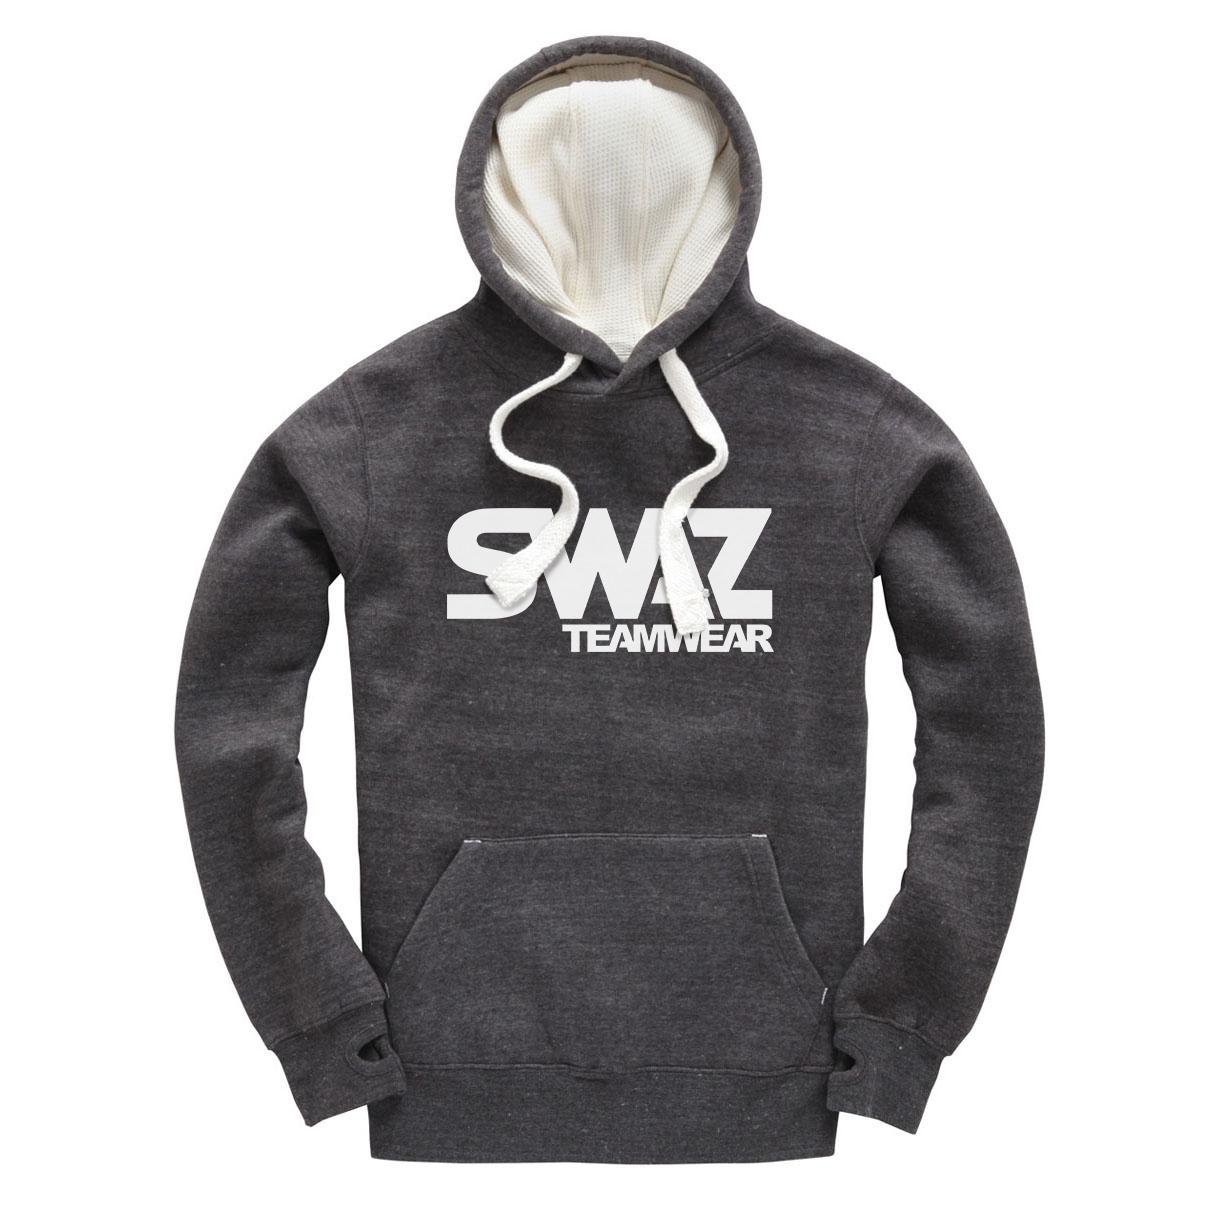 SWAZ Teamwear Classic Hoody – Grey